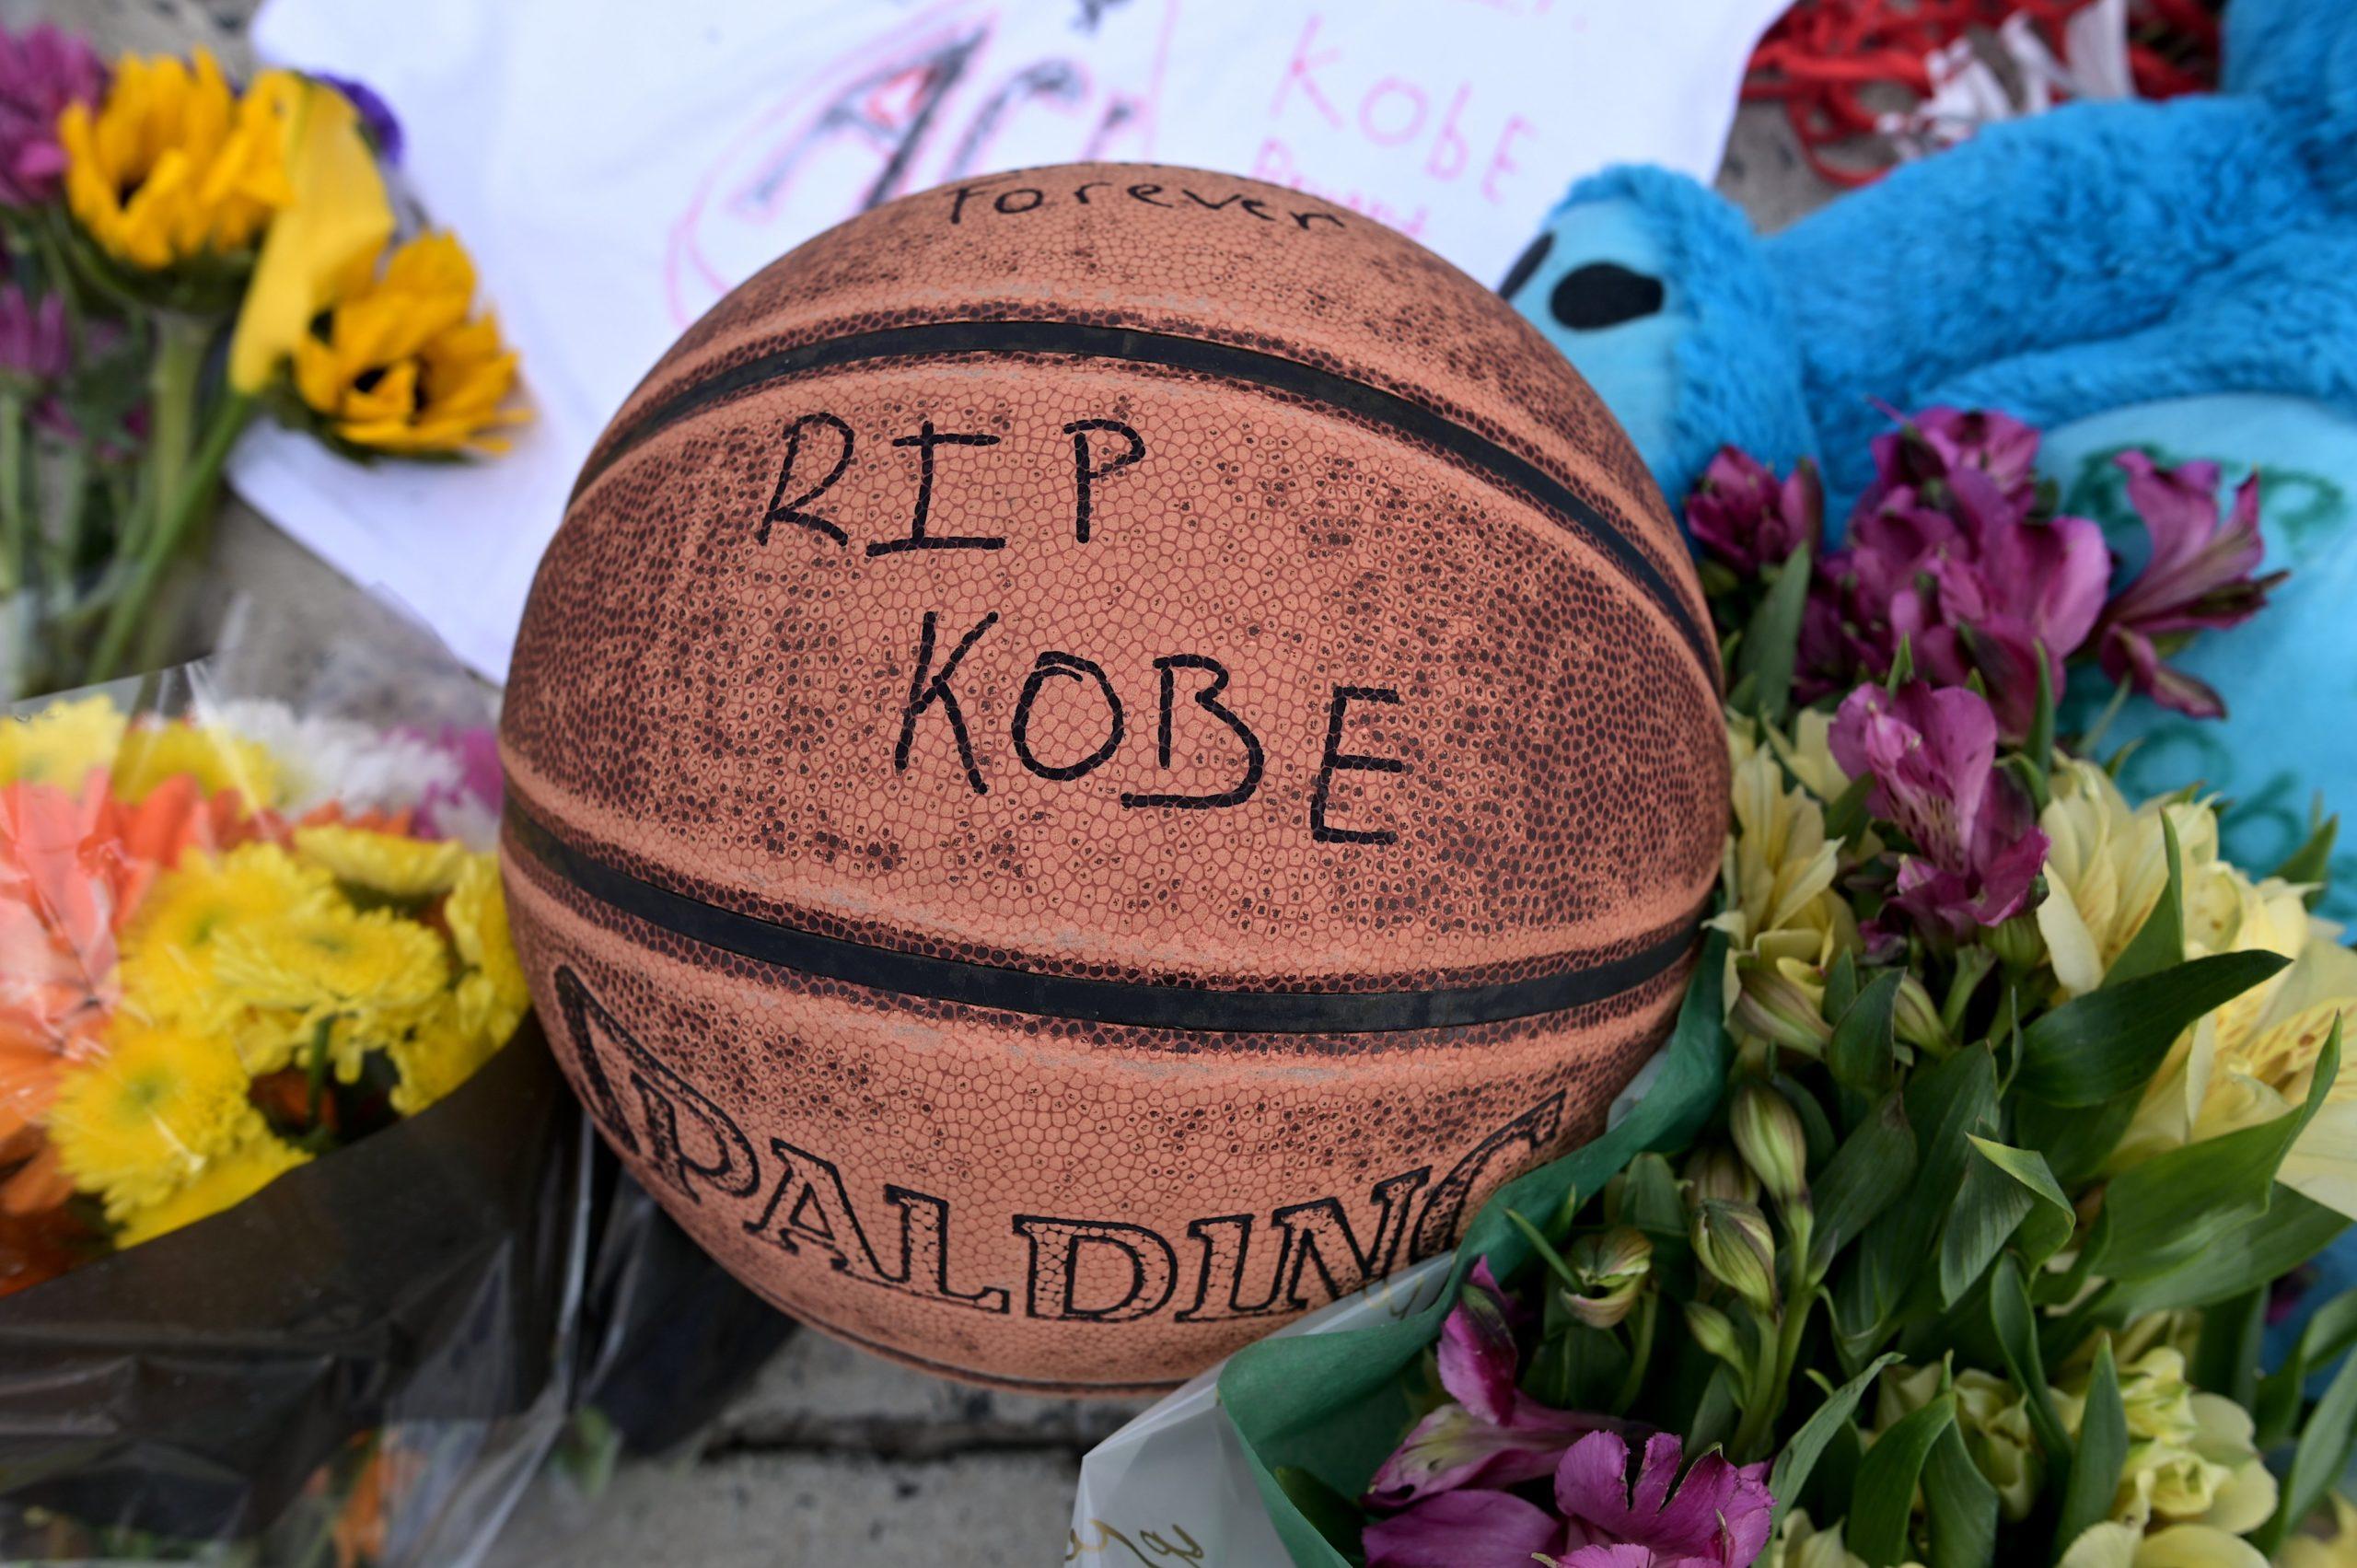 Kobe image via ALTJ on twitter 2